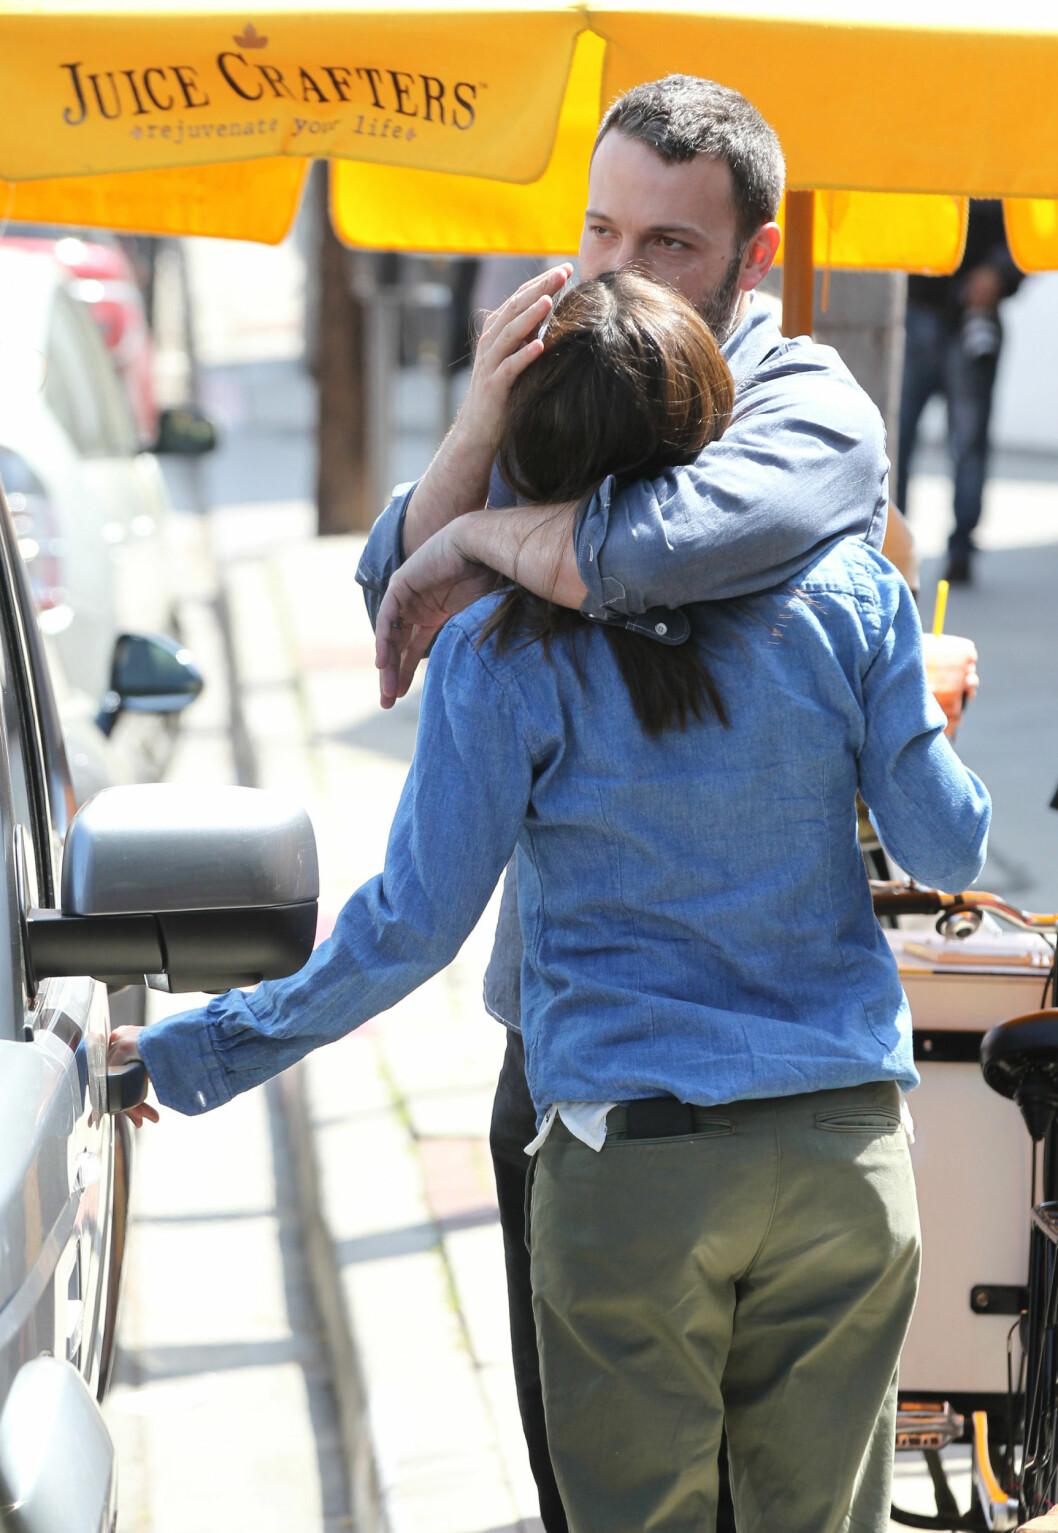 <strong>VÅREN 2013:</strong> På denne tiden svirret også bruddryktene rundt Ben Affleck og Jennifer Garner, men her er de avbildet i et ømt øyeblikk i Pacific Palisades i mars 2013.  Foto: SipaUSA